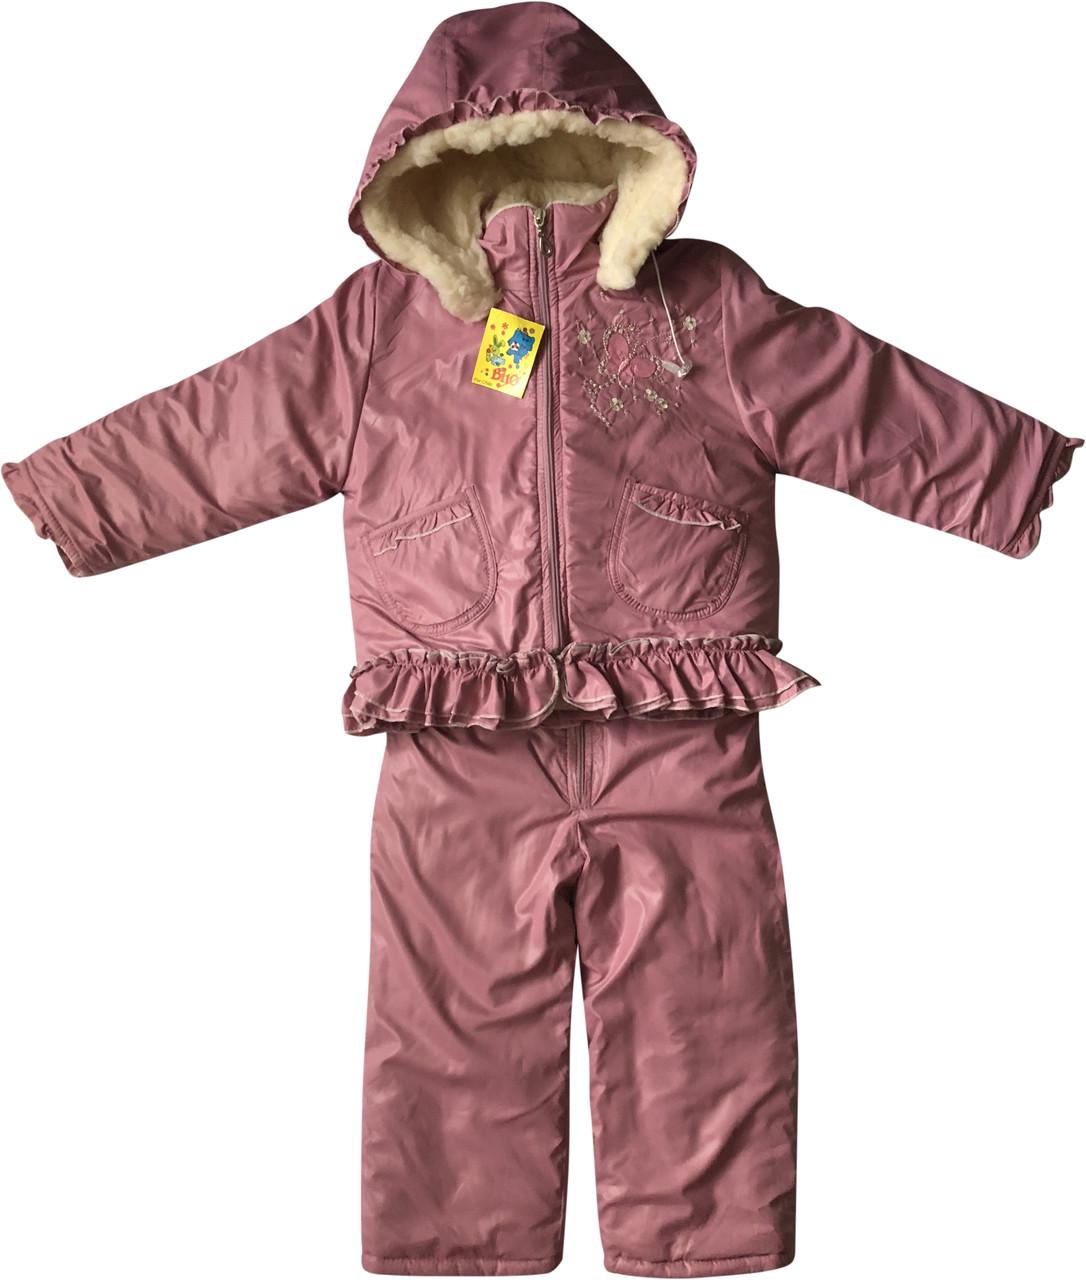 Зимний комбинезон на девочку рост 92 1,5-2 года для малышей детей детский раздельный пудровый розовый